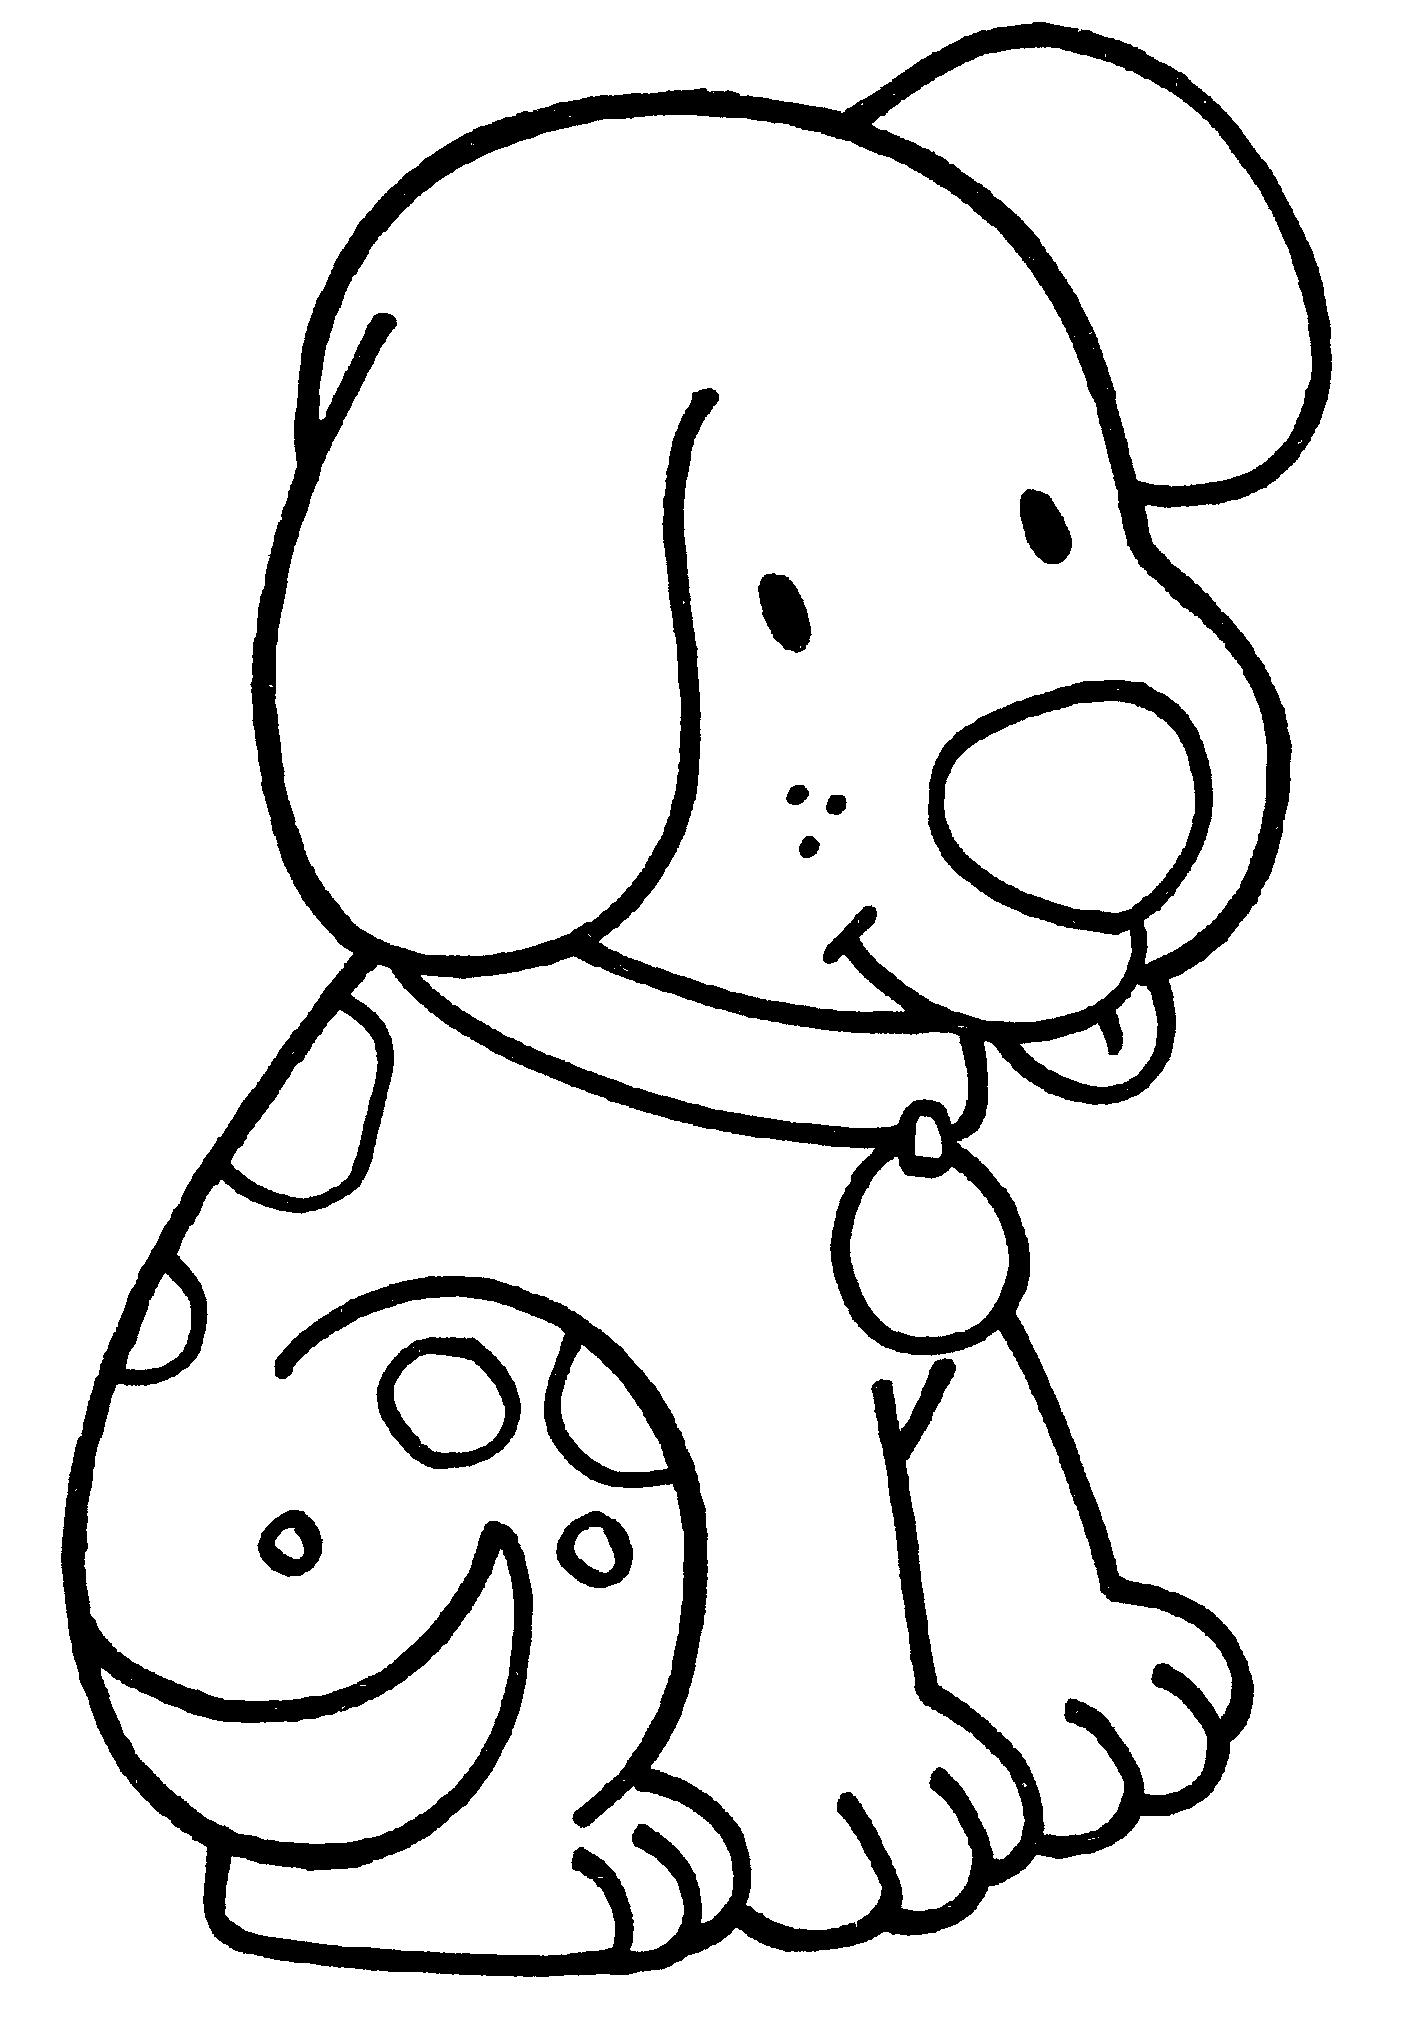 Раскраска для девочек 4 лет - собачка